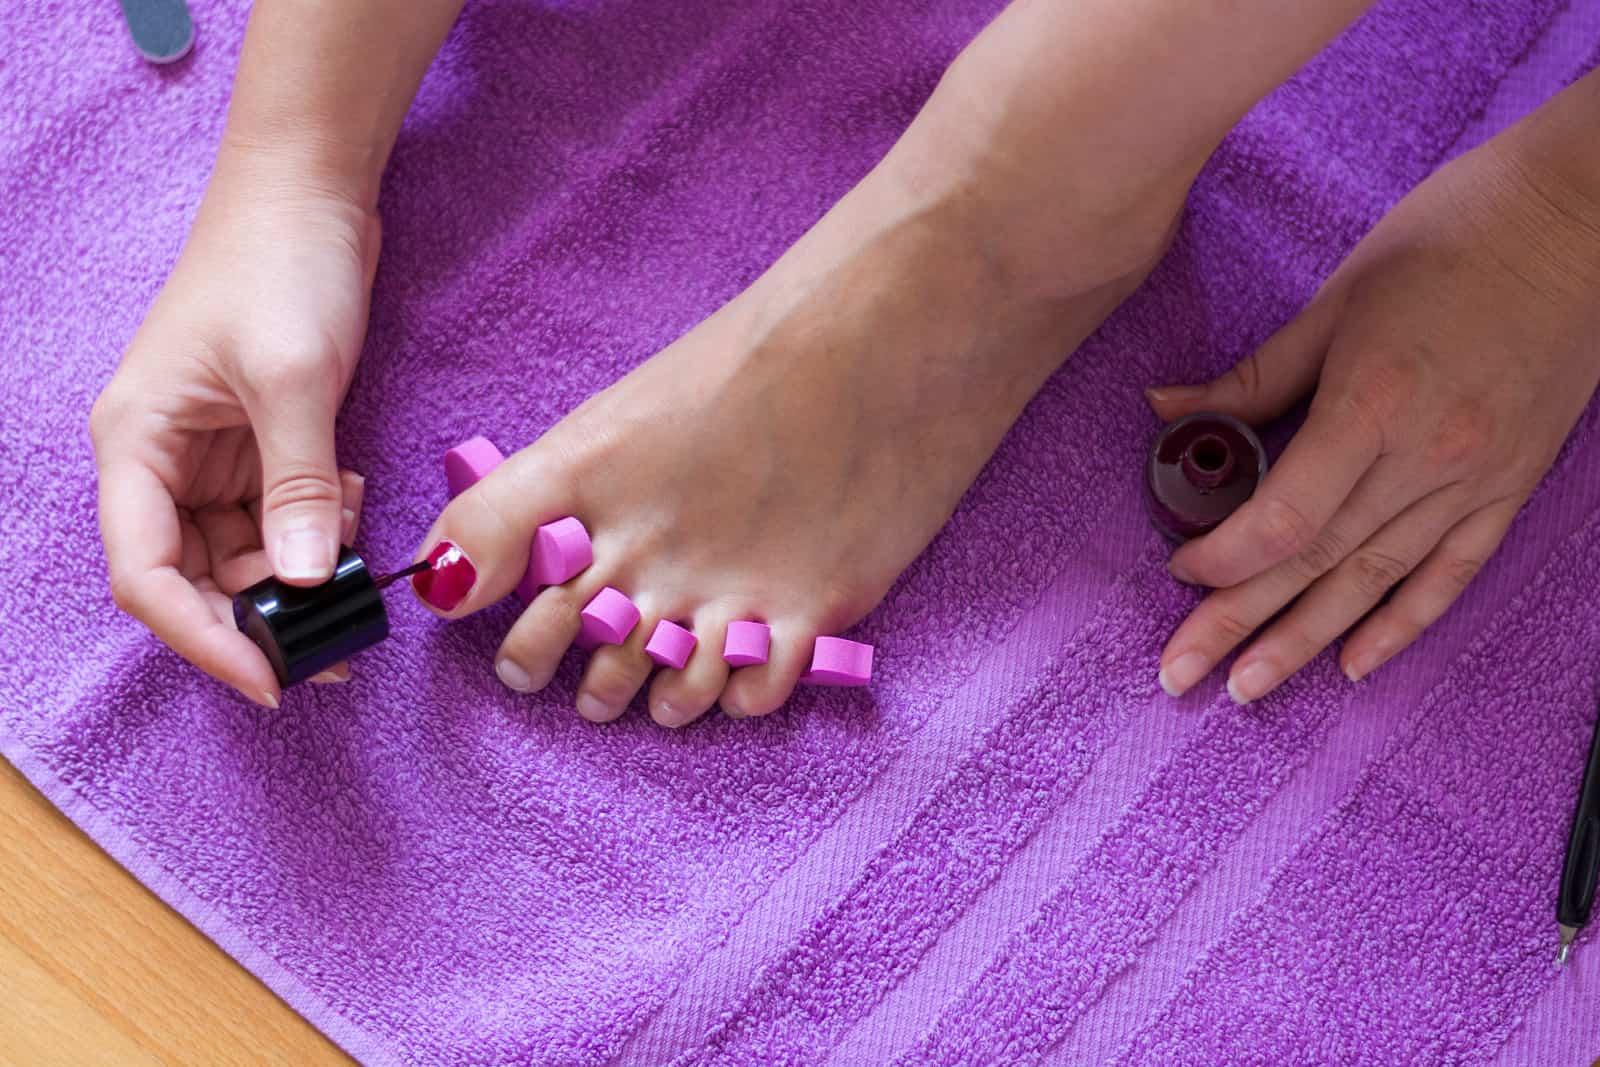 female applying nail polish at home